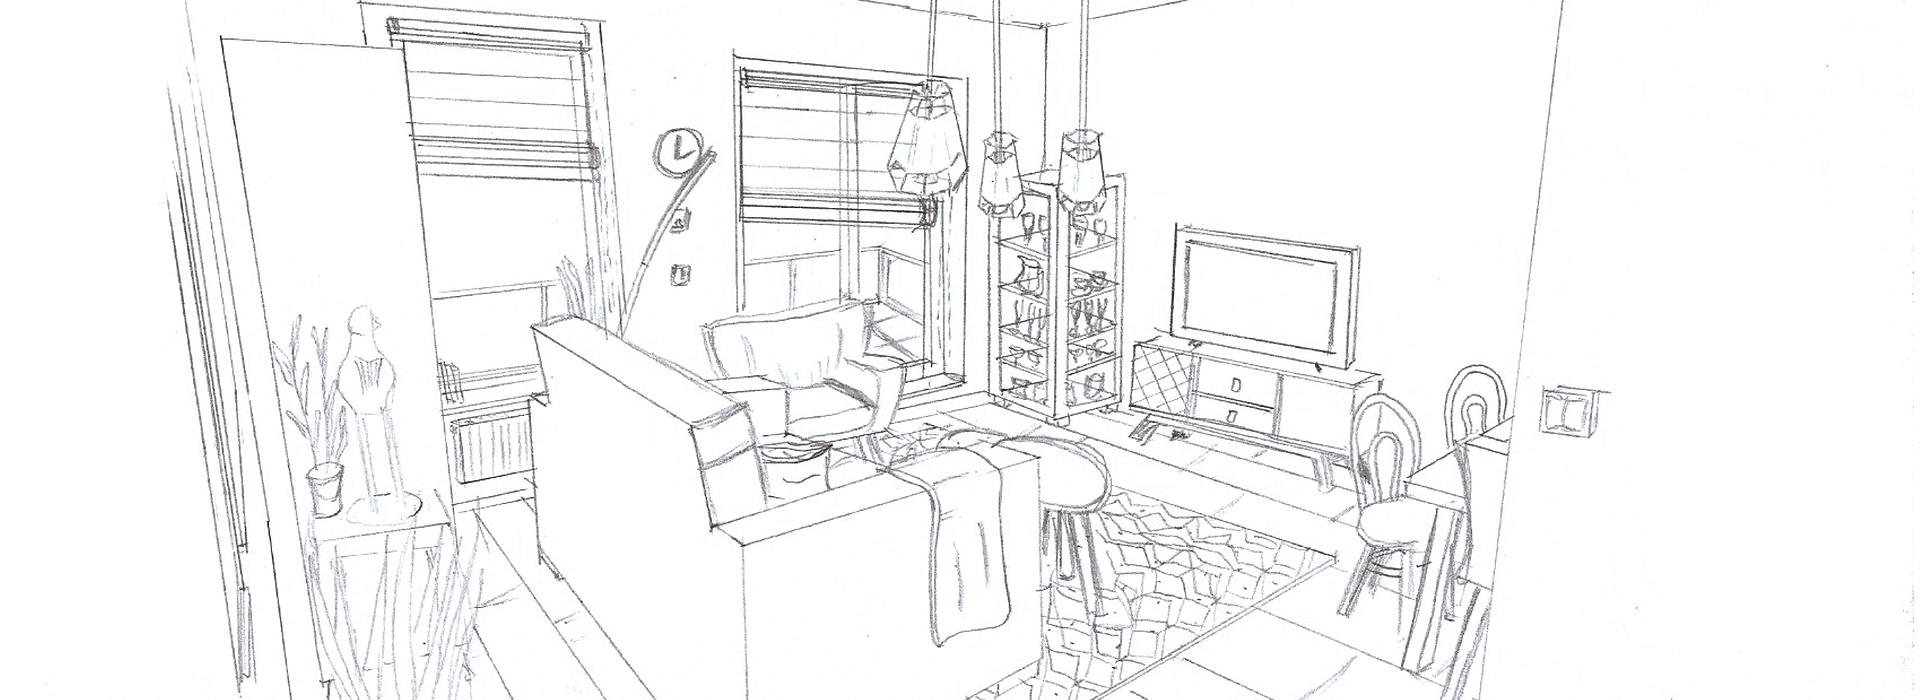 Interiérová designérka a bytová poradkyně pro hravé, útulné a praktické bydlení.